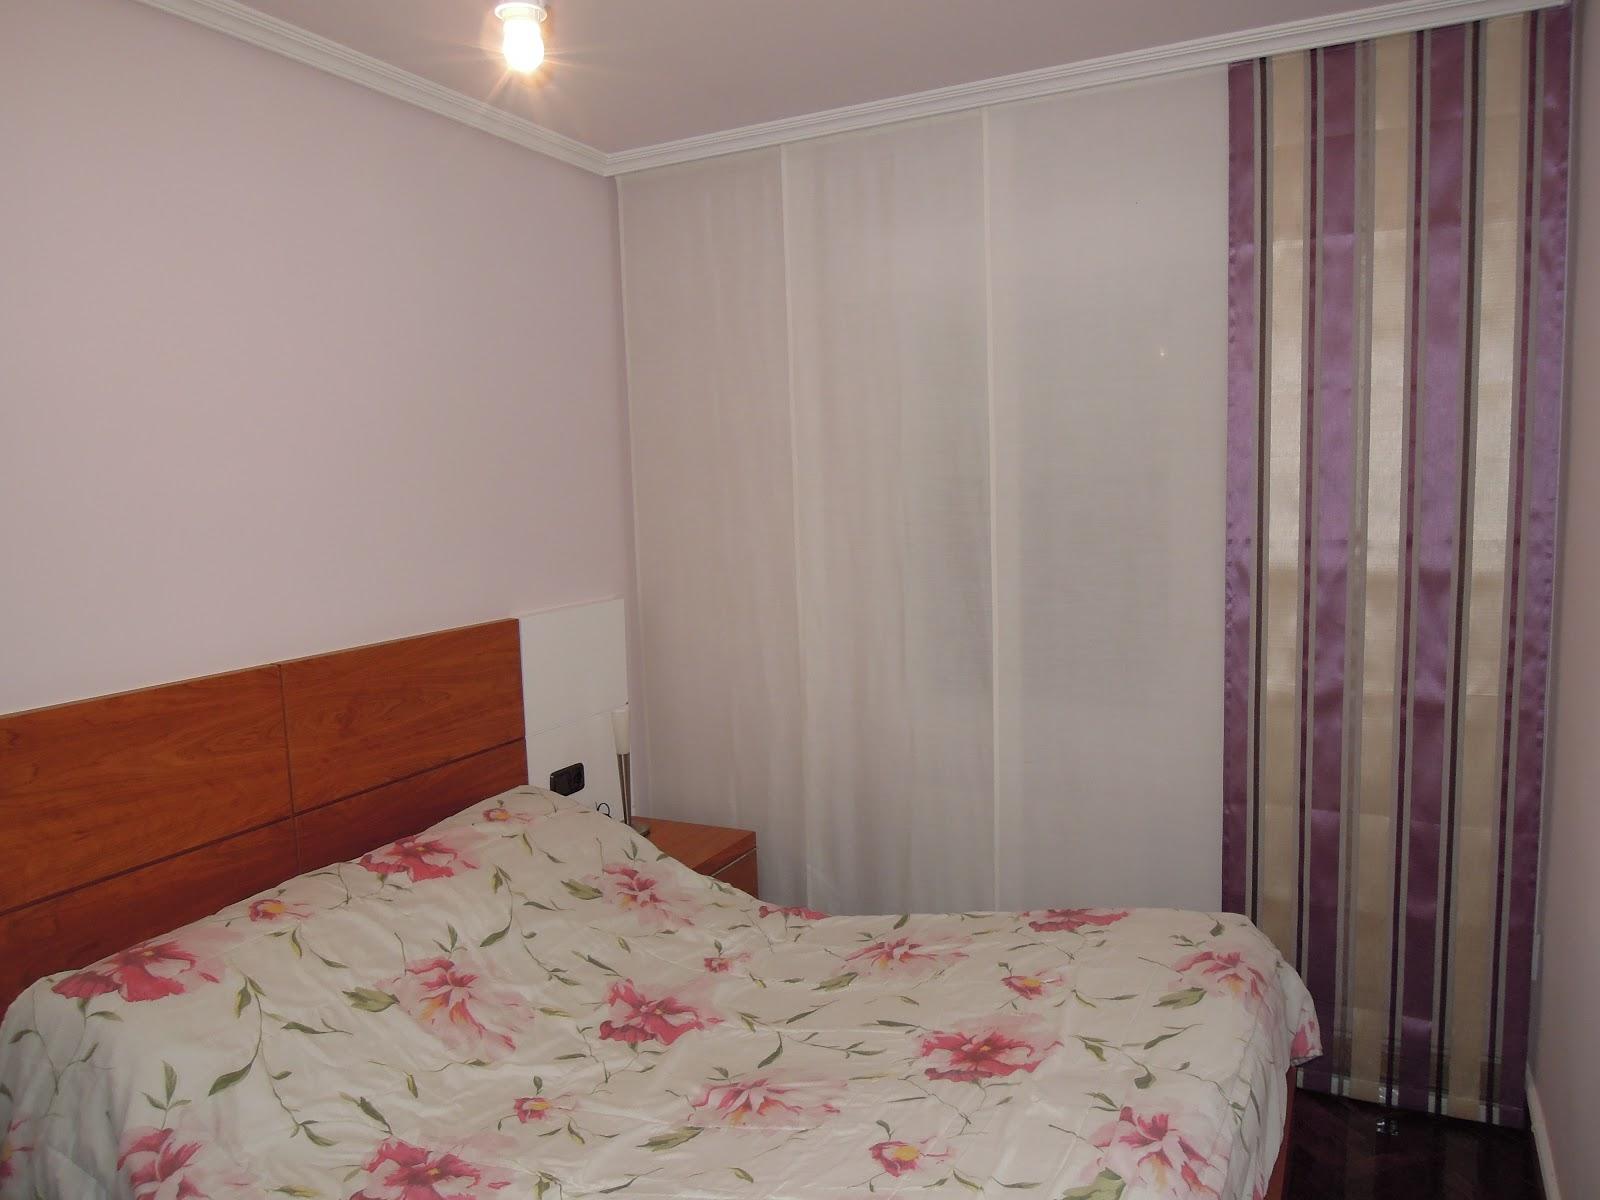 fotos de cortinas dormitorio principal 2012